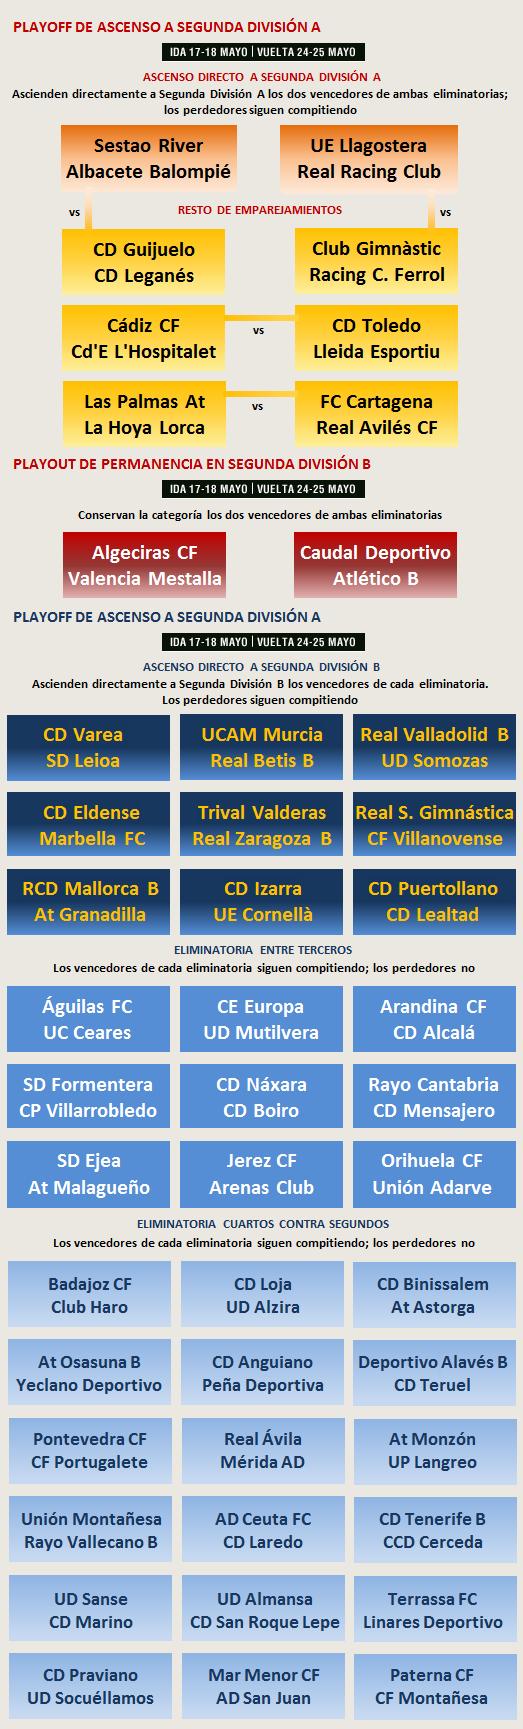 Promociones Ascenso Descenso 2013-2014